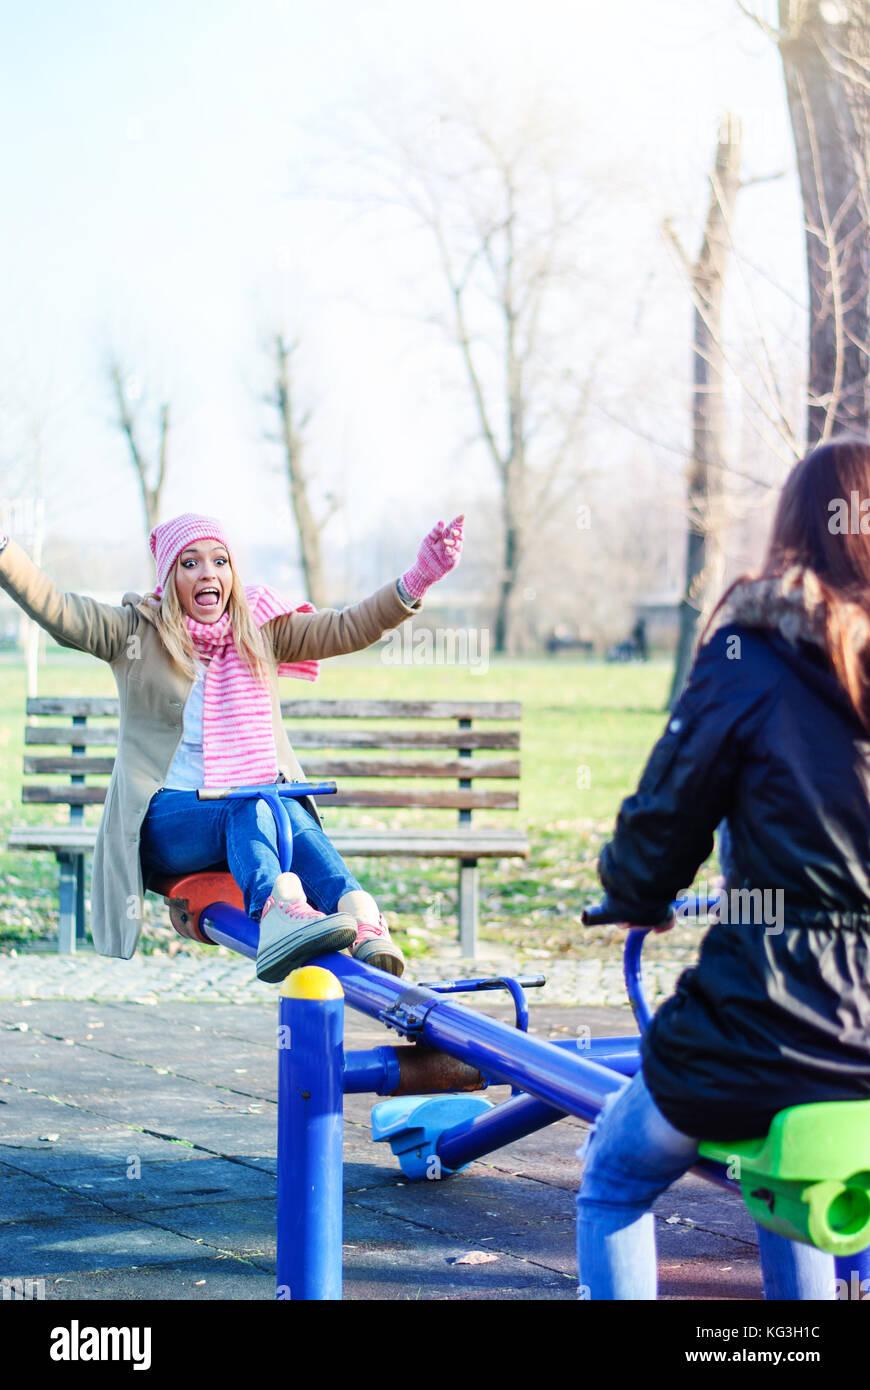 Deux adolescents traîner dans l'aire de jeux Photo Stock